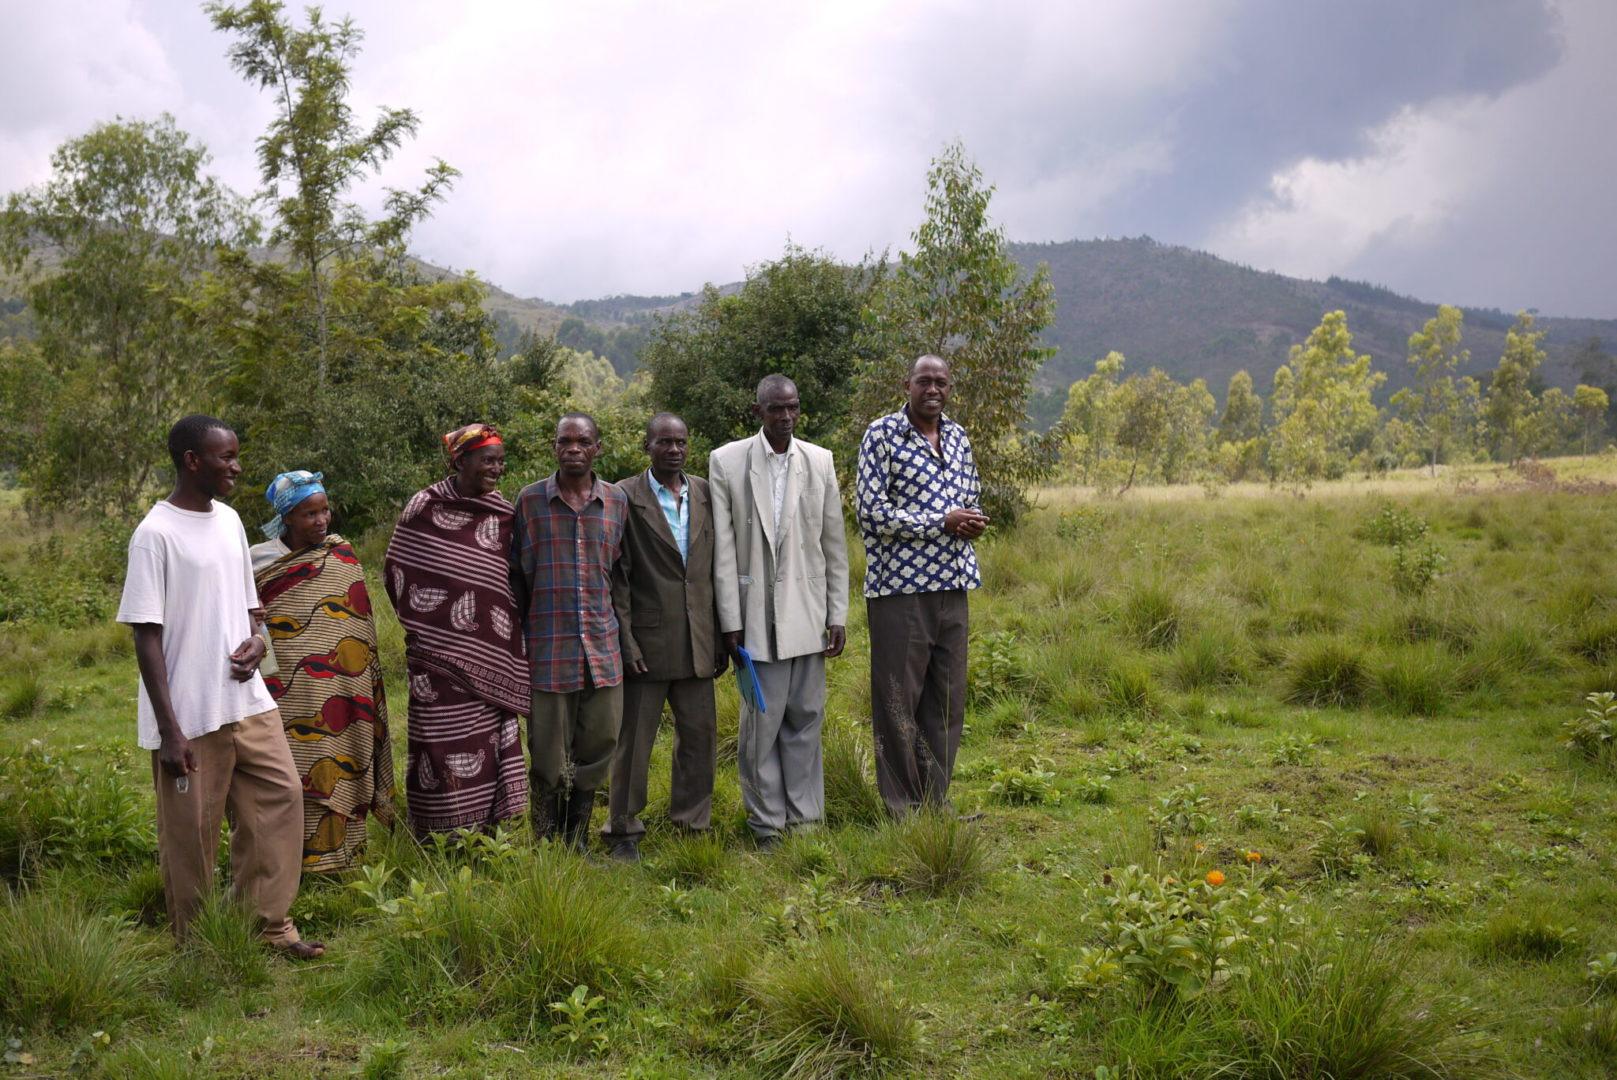 Kaganda with some of his neighbors.